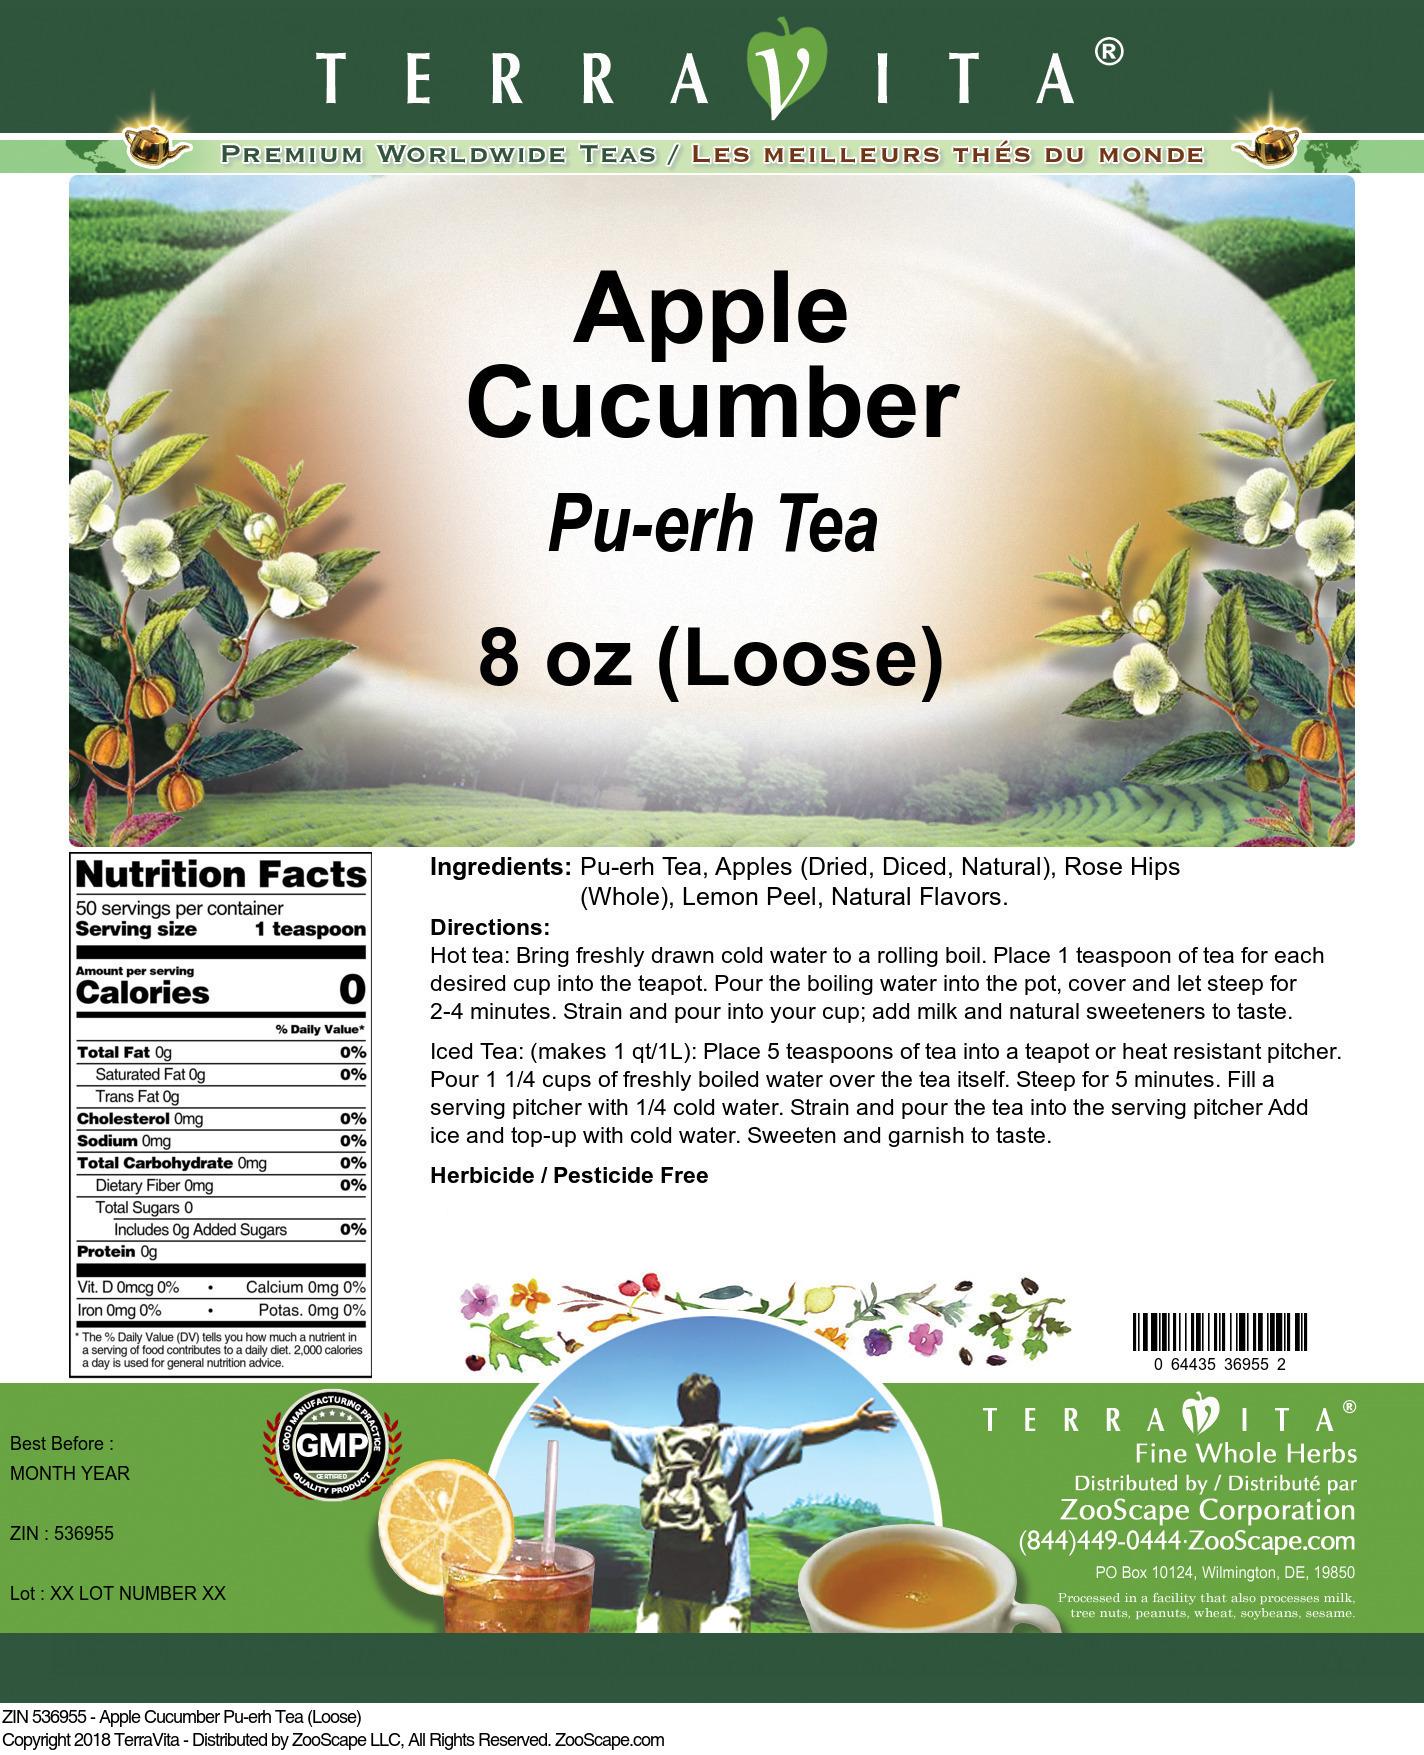 Apple Cucumber Pu-erh Tea